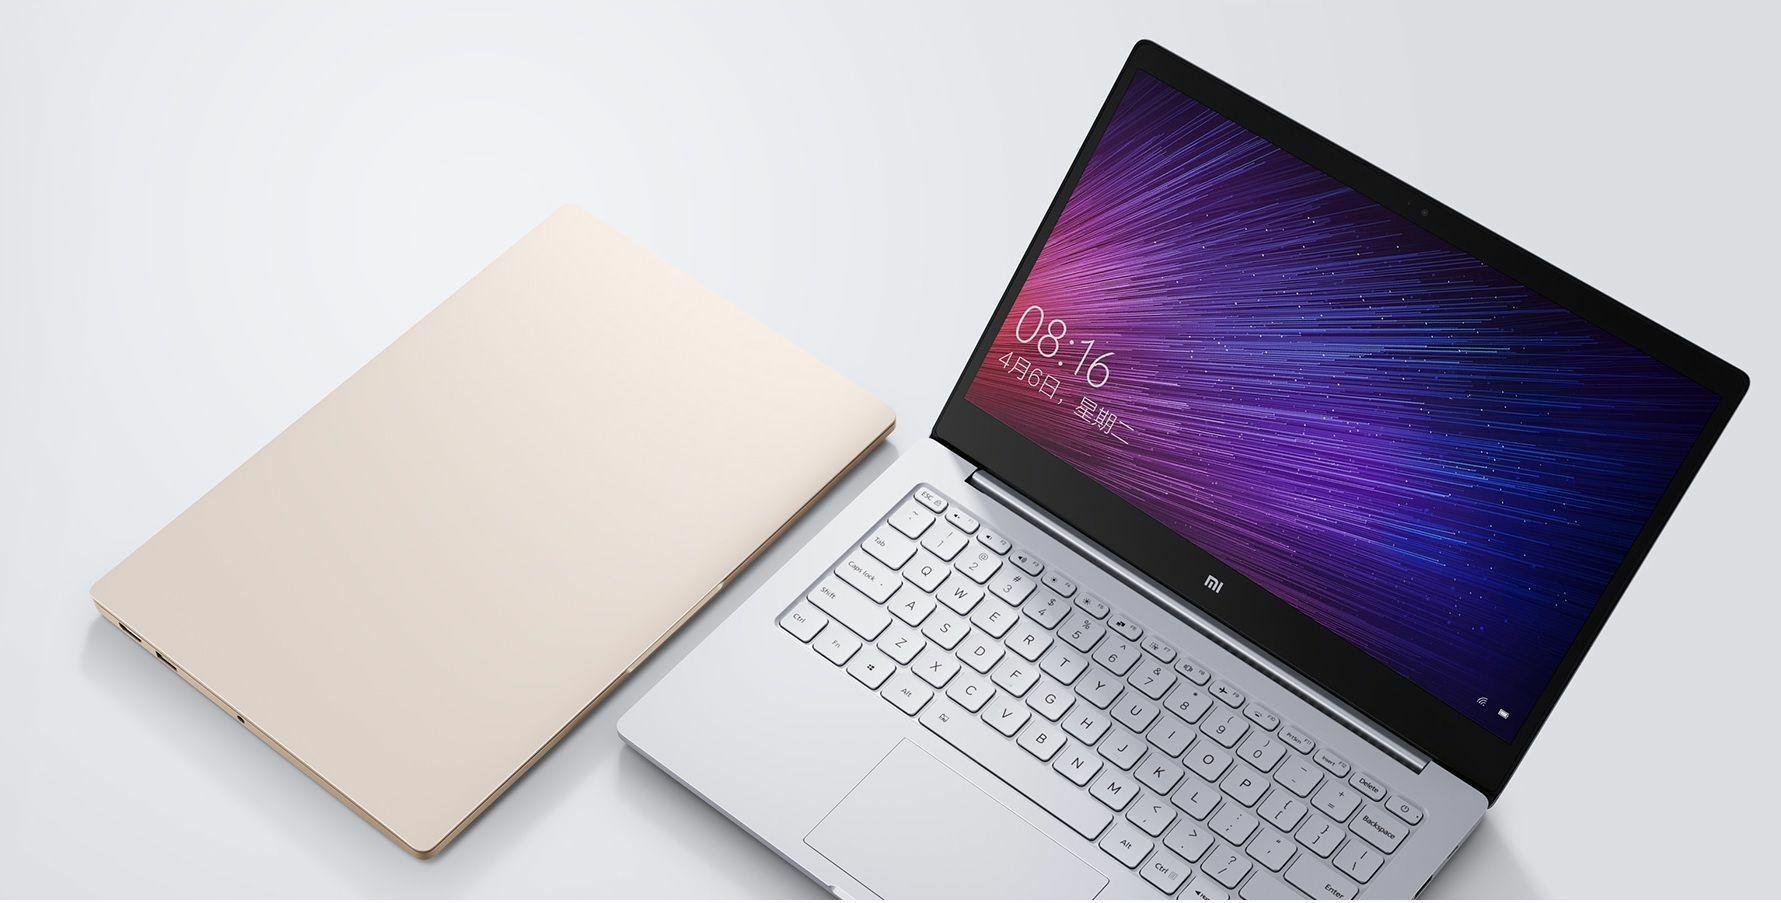 Xiaomi Mi Notebook Air 9